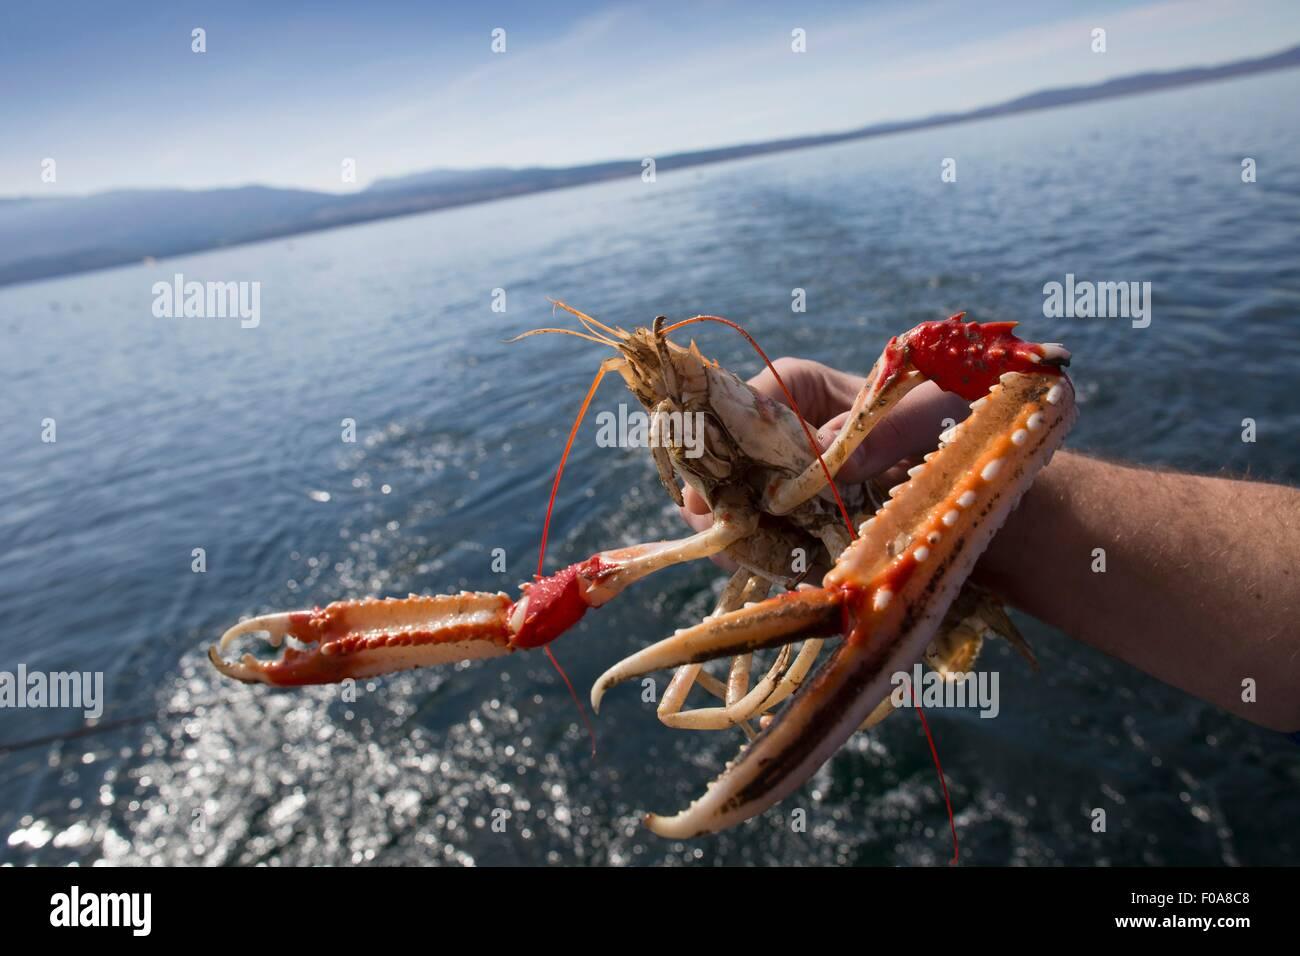 Fisherman holding up shellfish, Isle of Skye, Scotland - Stock Image